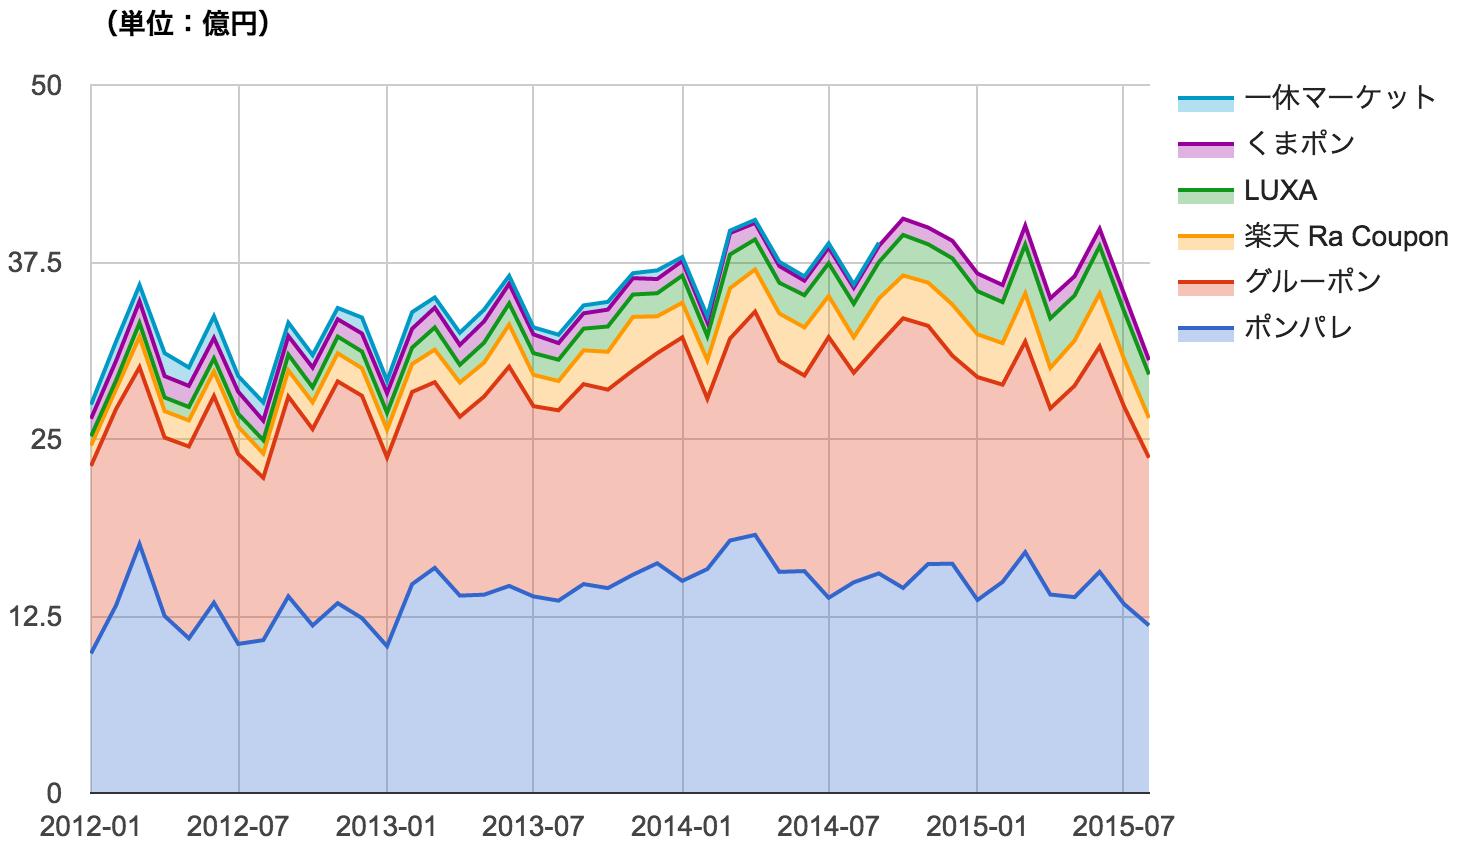 クーポン共同購入サイト別 月次売上高推移 積み上げグラフ